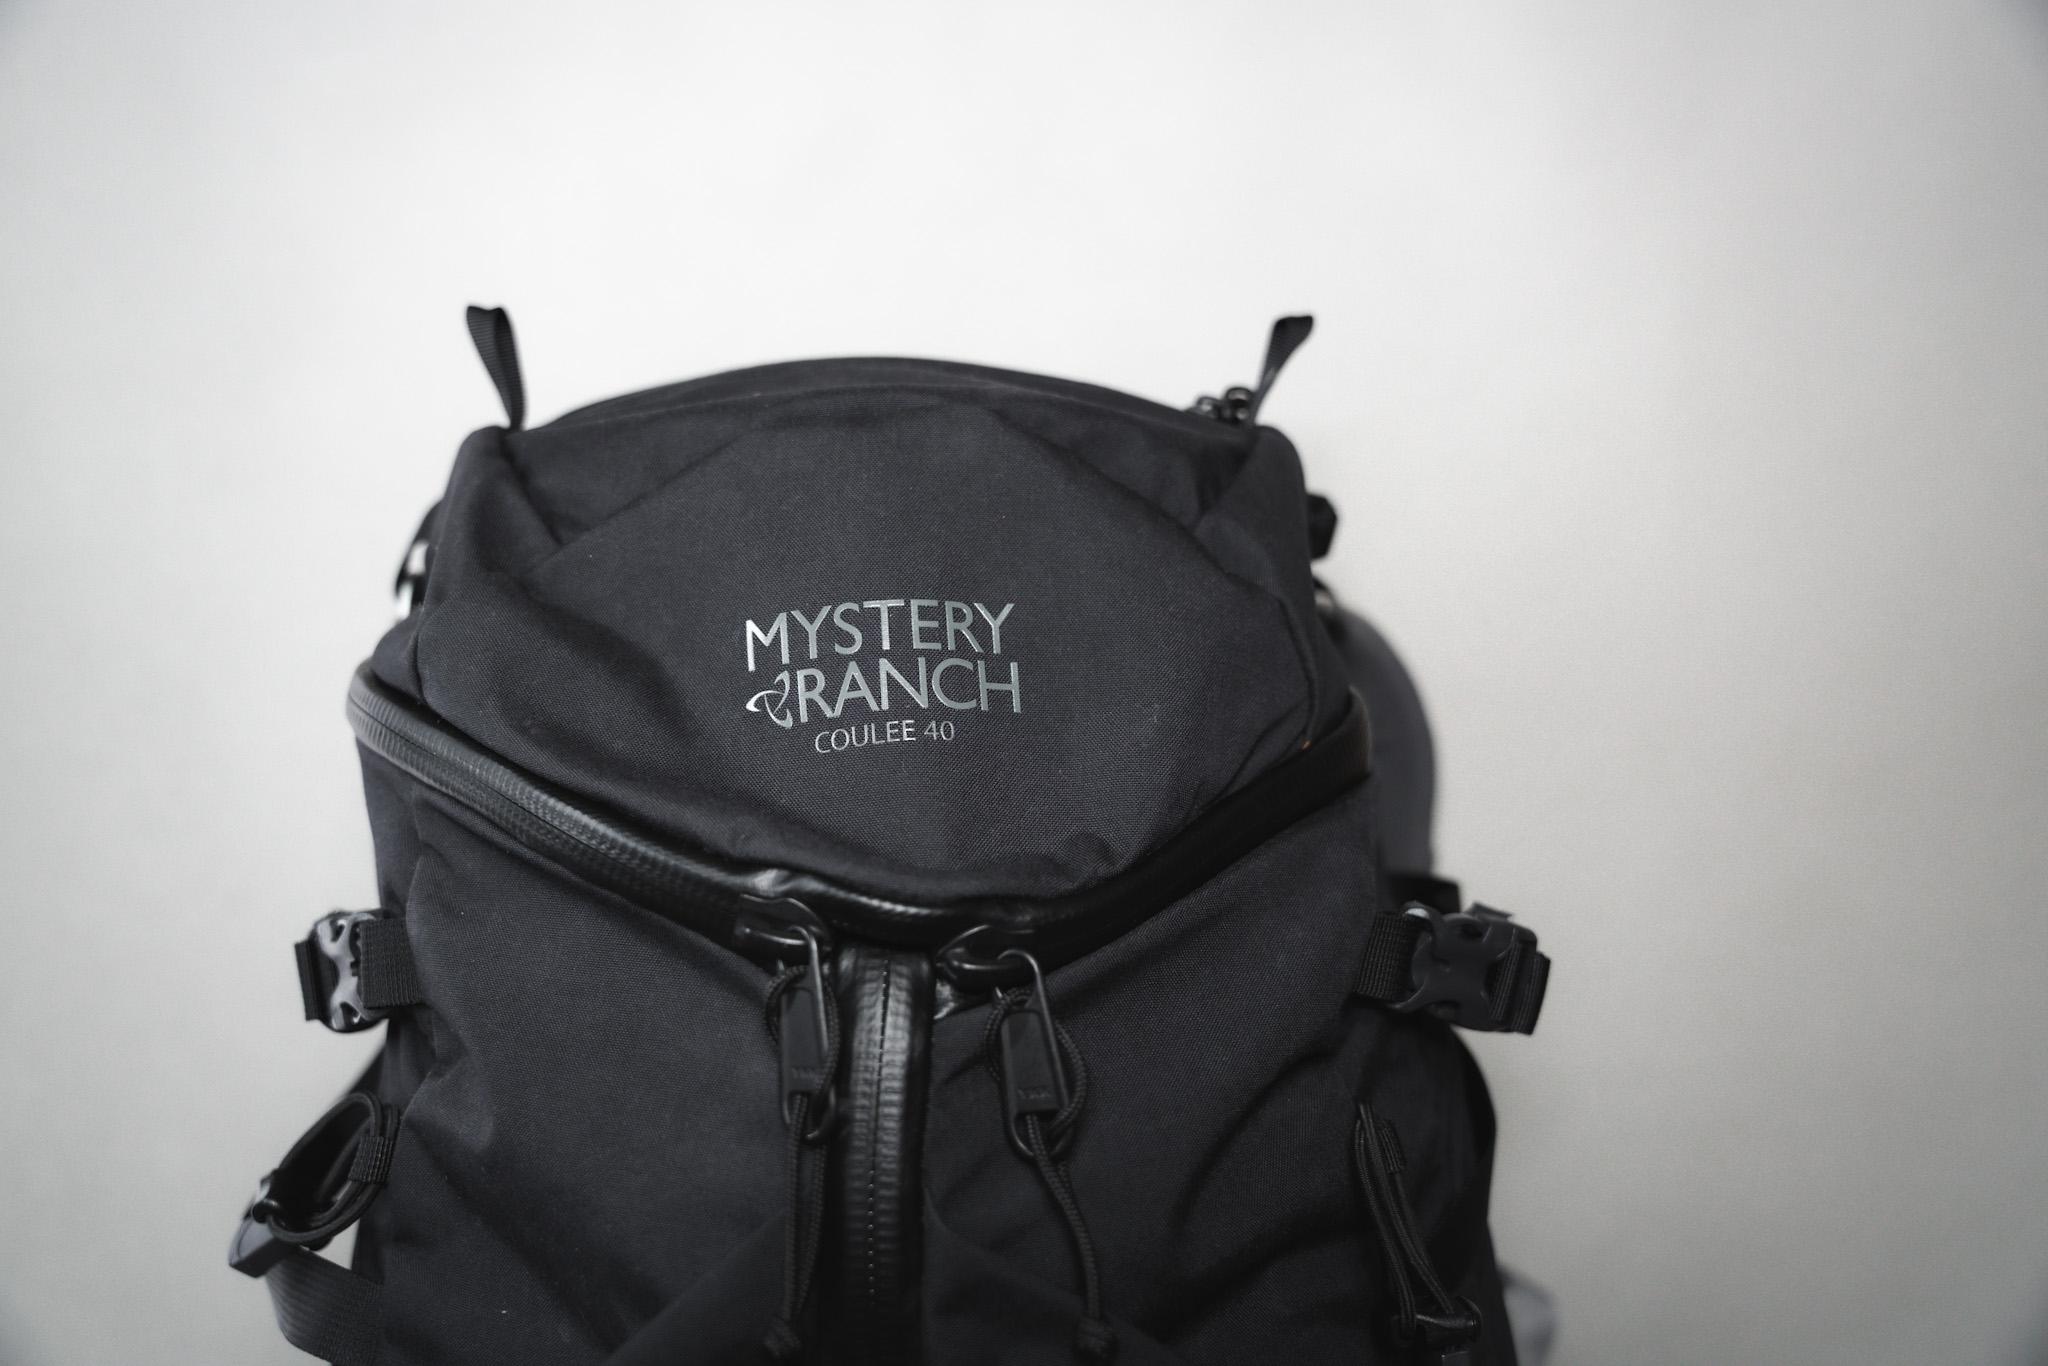 【レビュー】ミステリーランチ クーリー40|どんな人におすすめのバックパック?